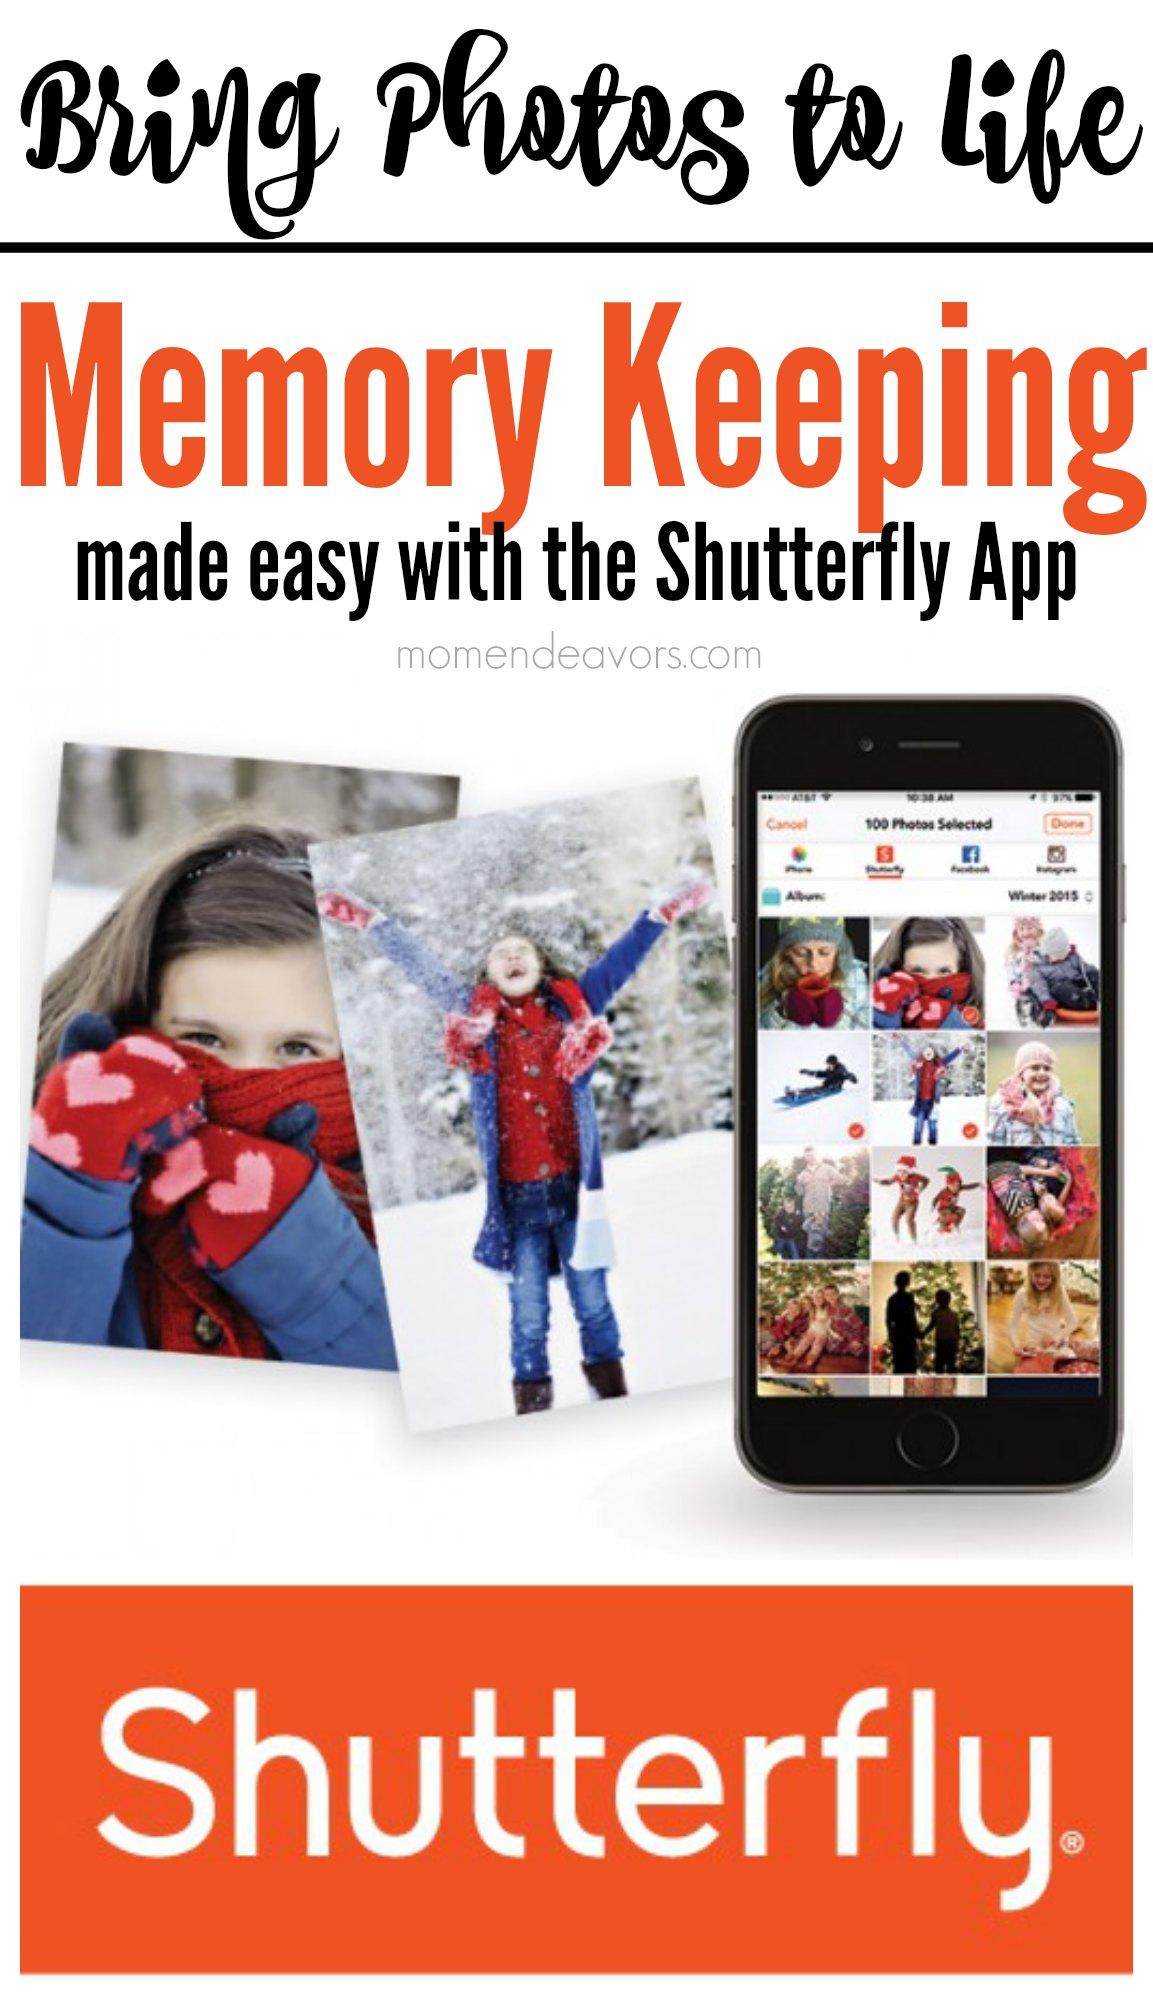 Memory Keeping Shutterfly App